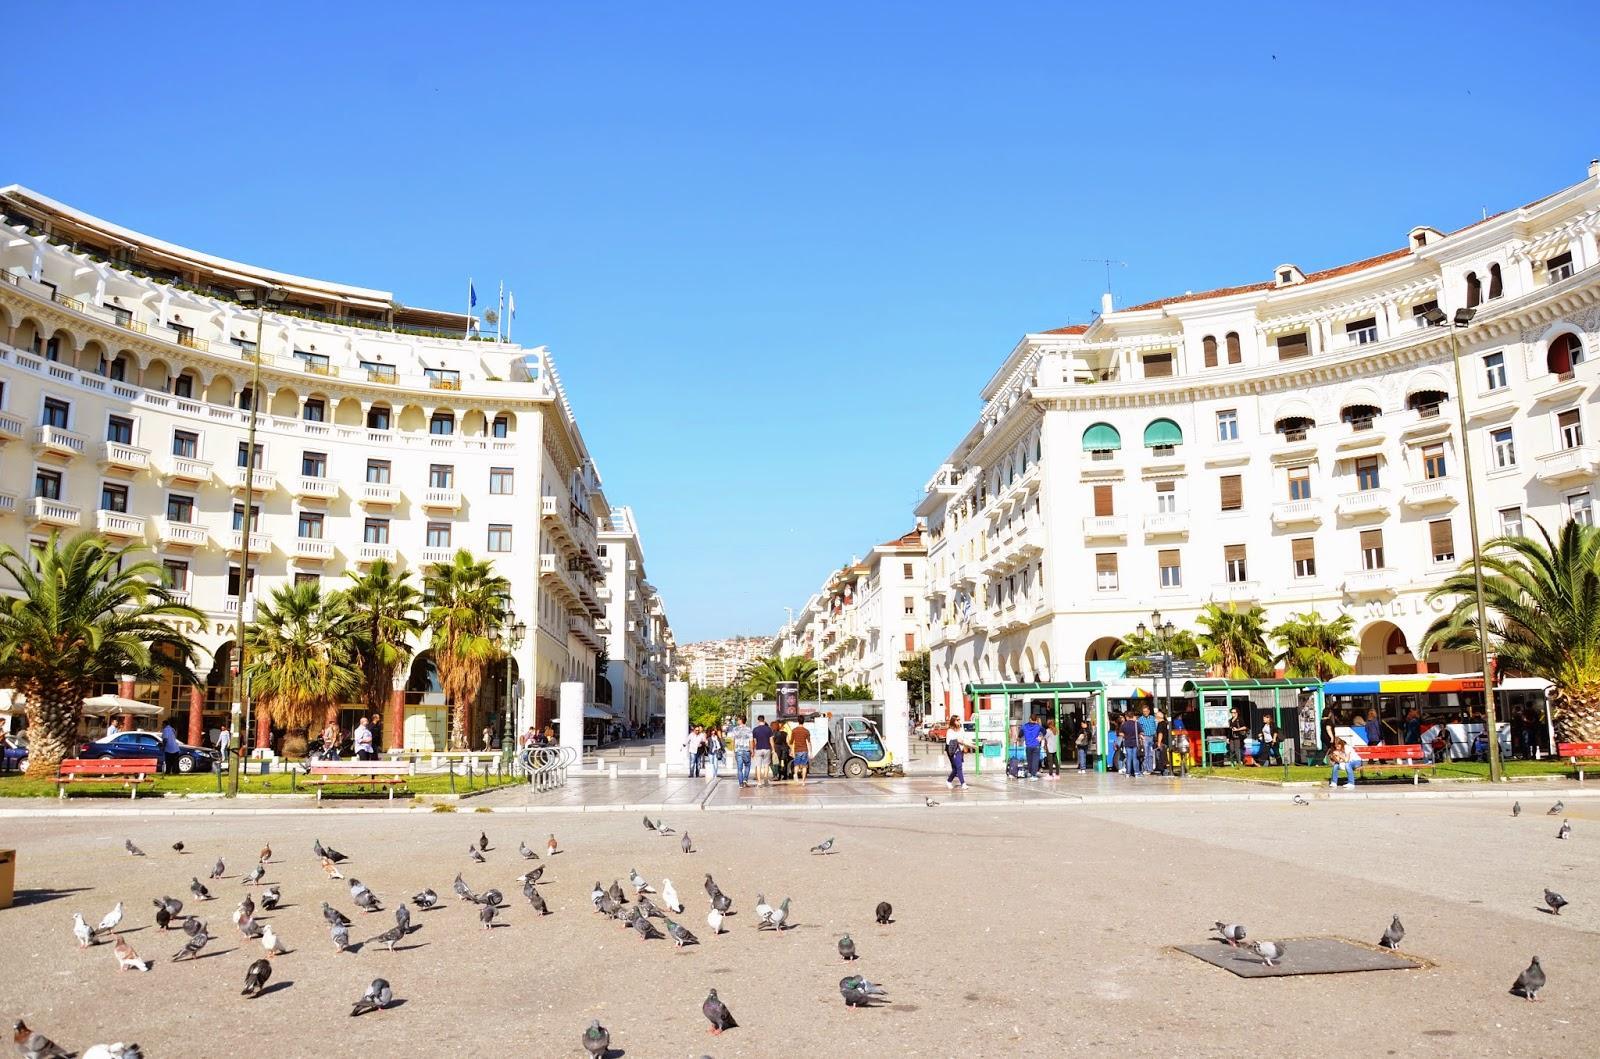 В сердце нового города Салоников раскинулось детище Эбрана – площадь Аристотеля.